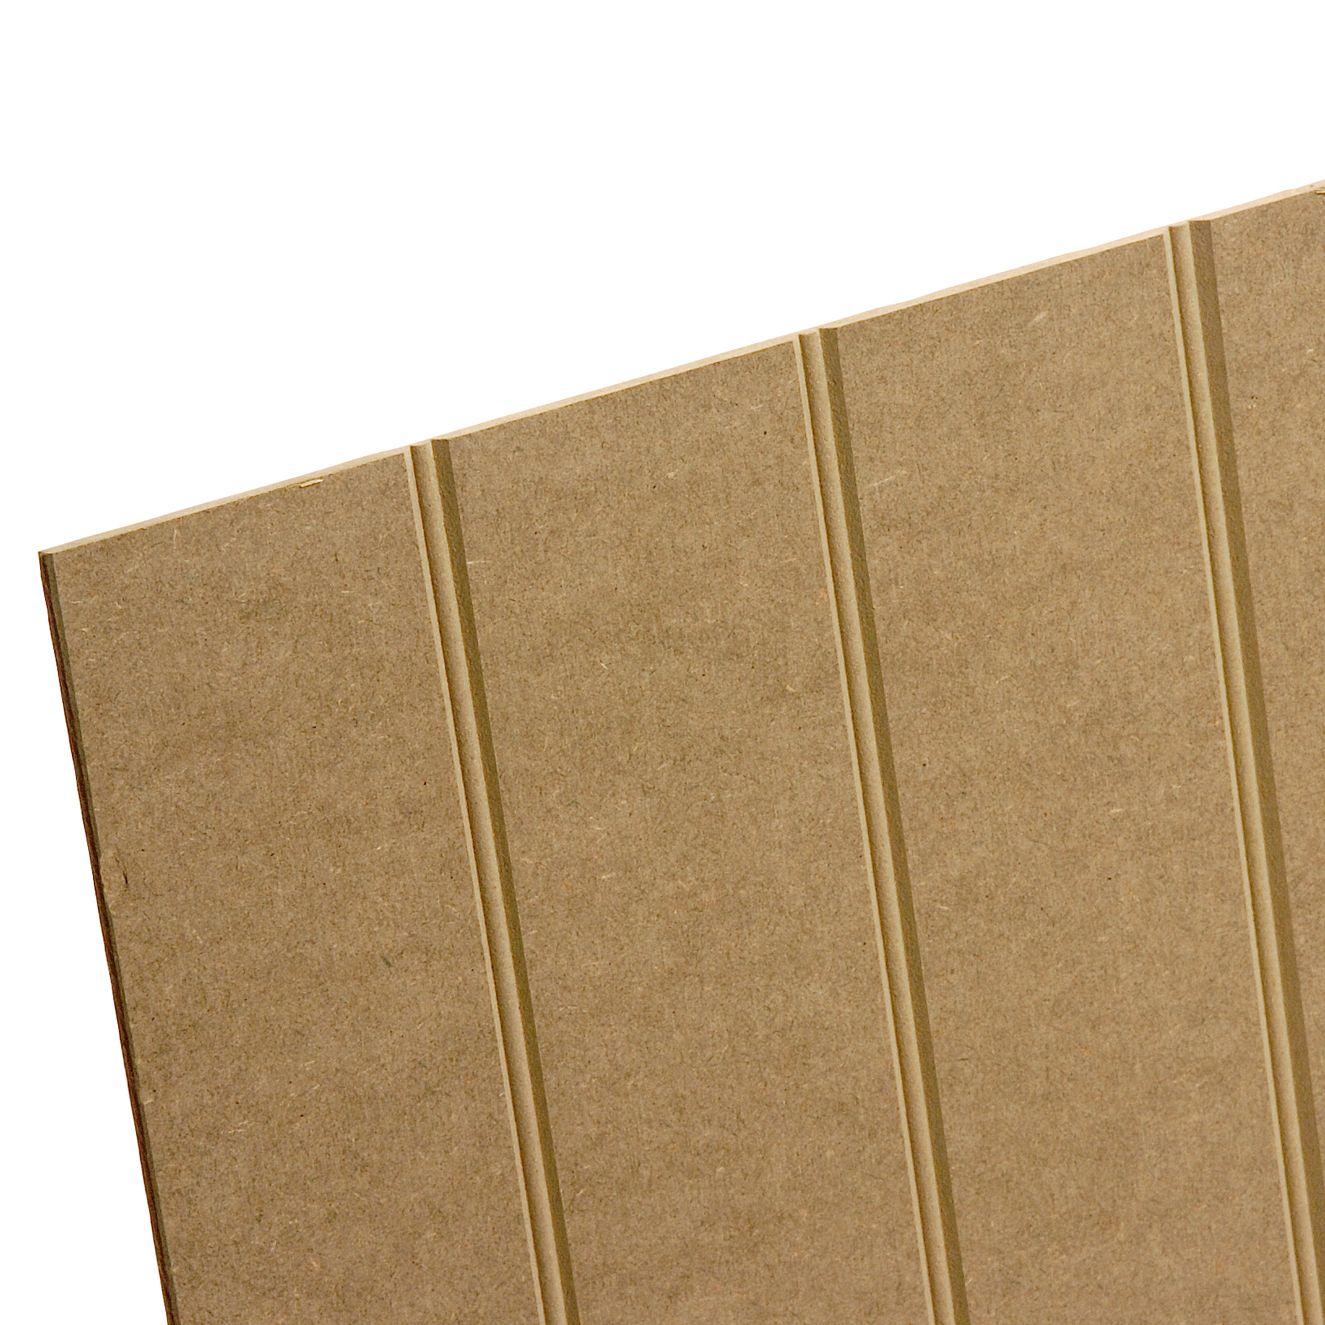 garage wall lining ideas - MDF Bead & Butt Match Board Th 6mm W 607mm L 1220mm